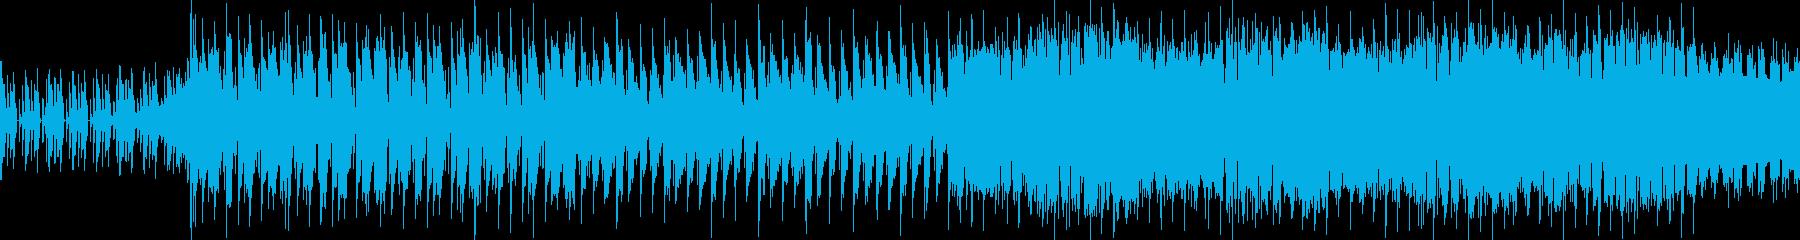 ゲームにマッチするBGMですの再生済みの波形